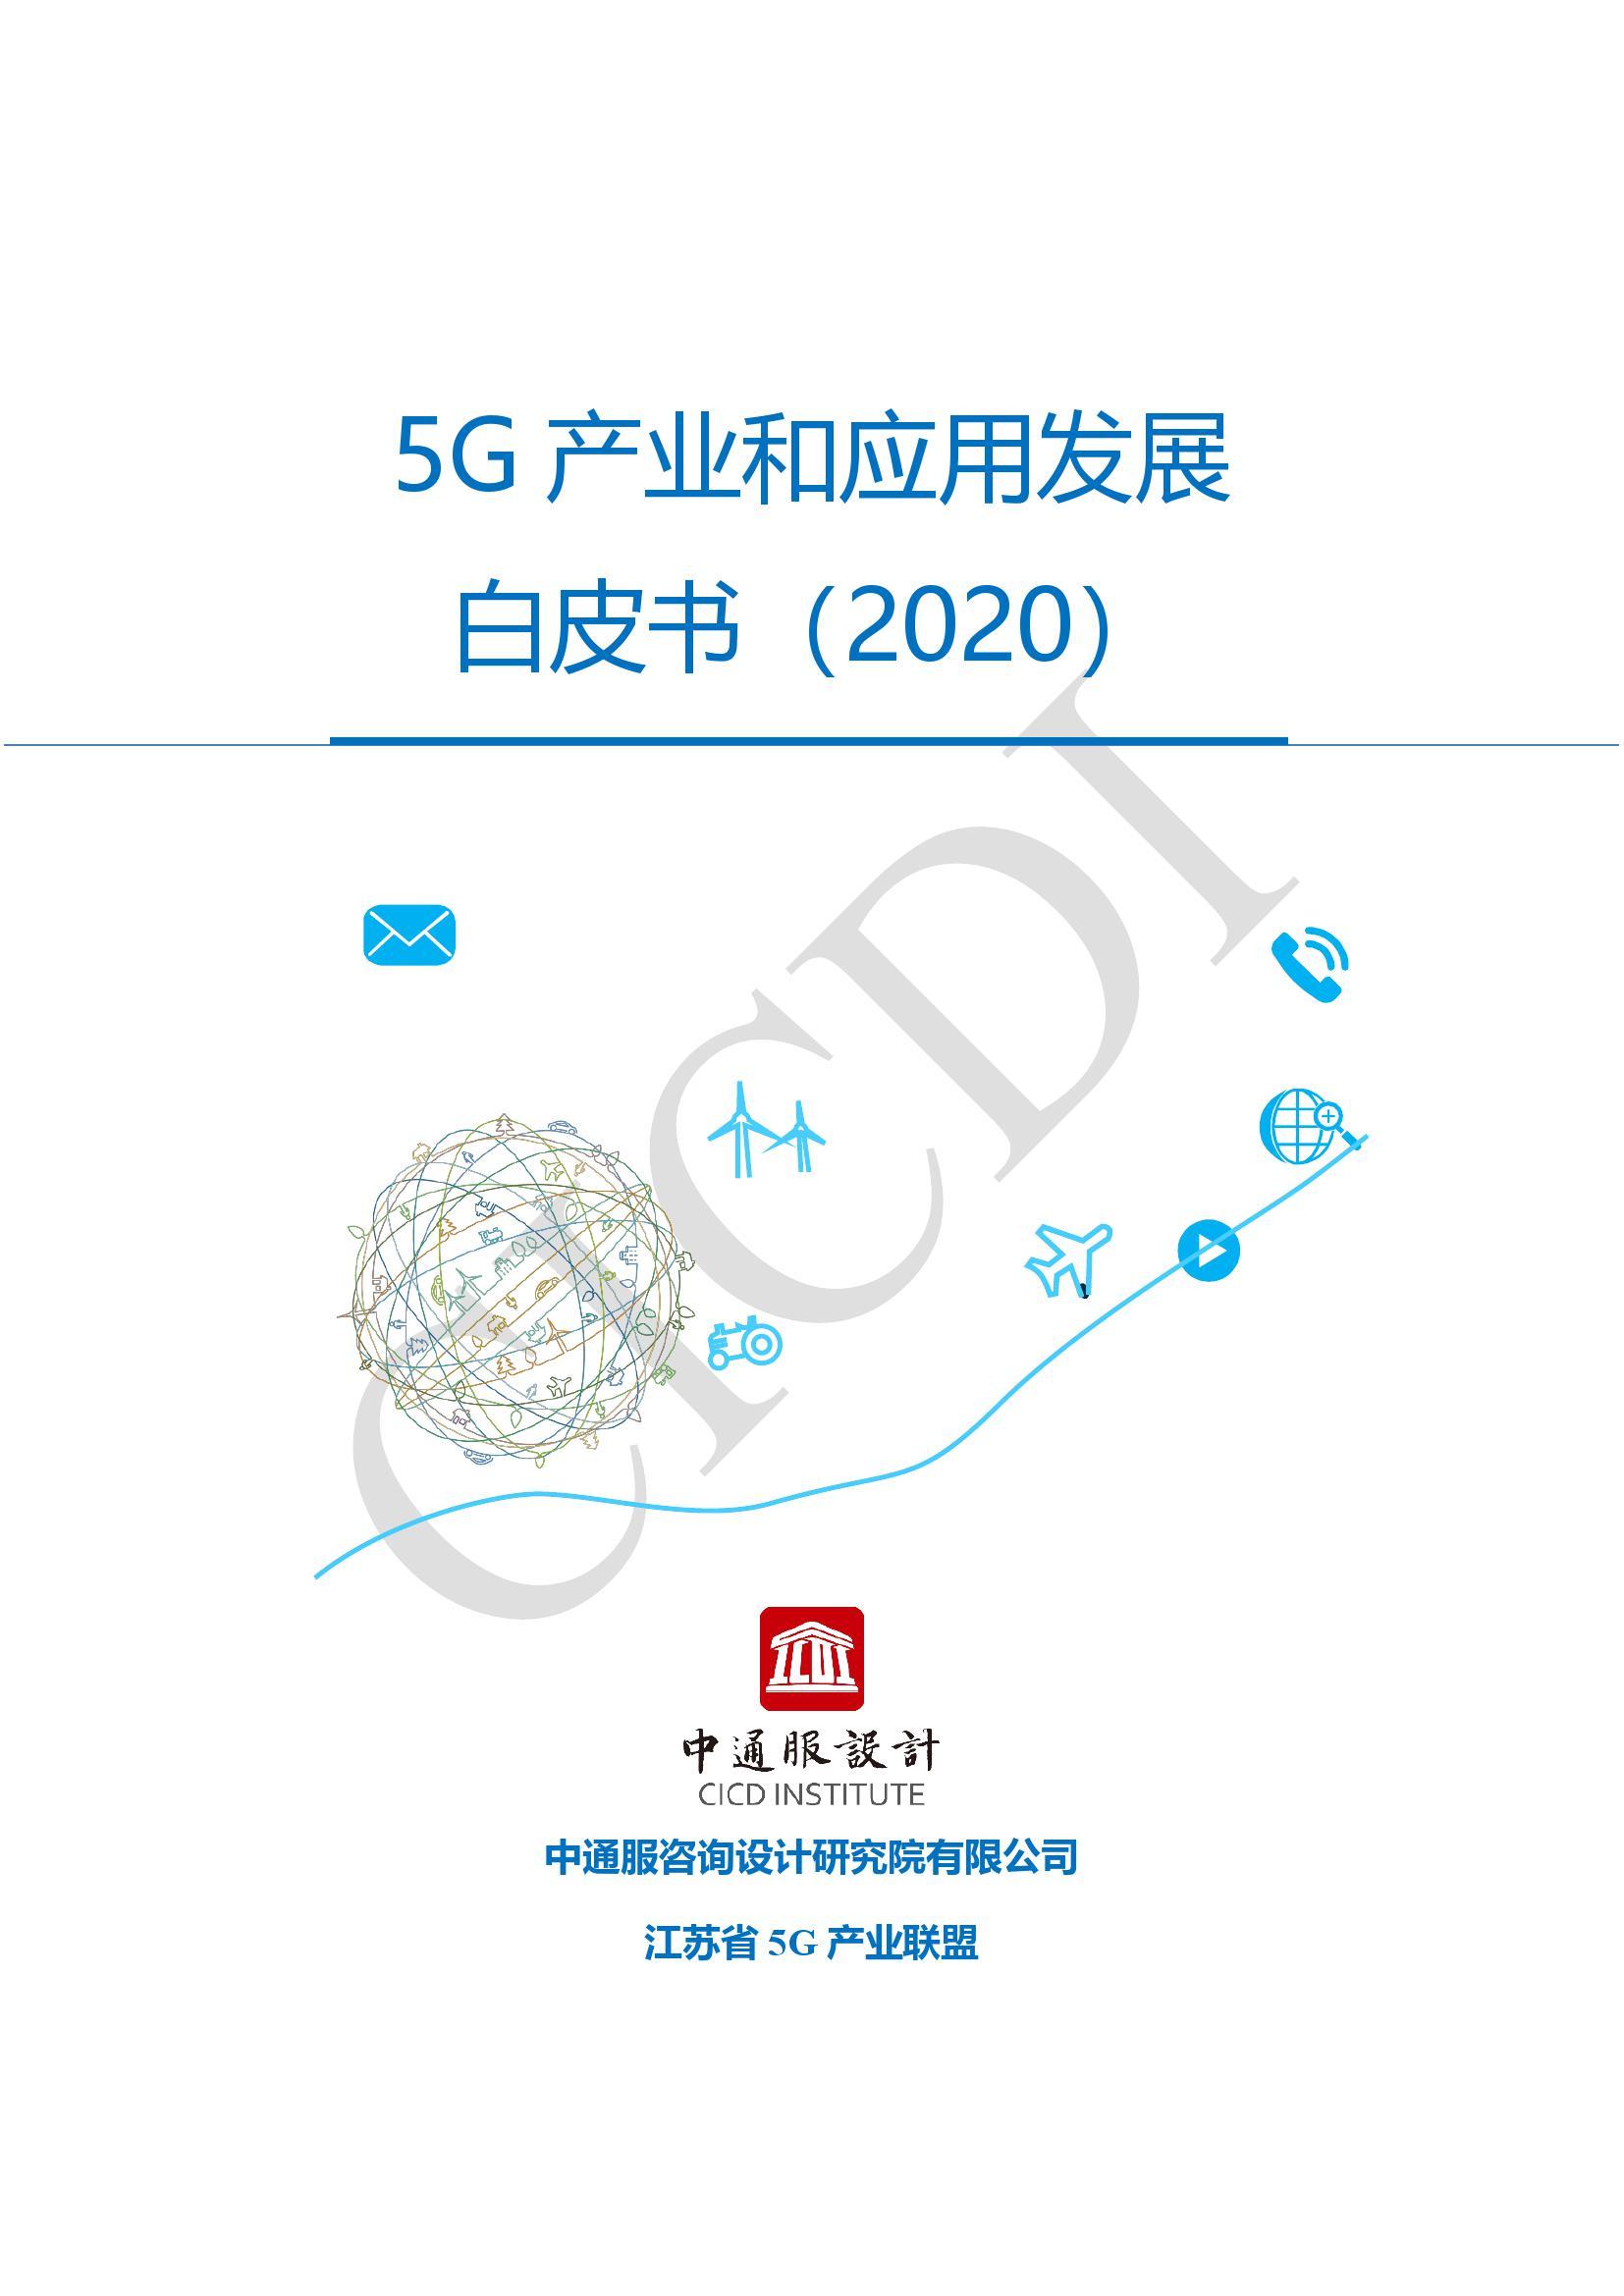 中通服设计院:2020年5G产业和应用发展白皮书(附下载)